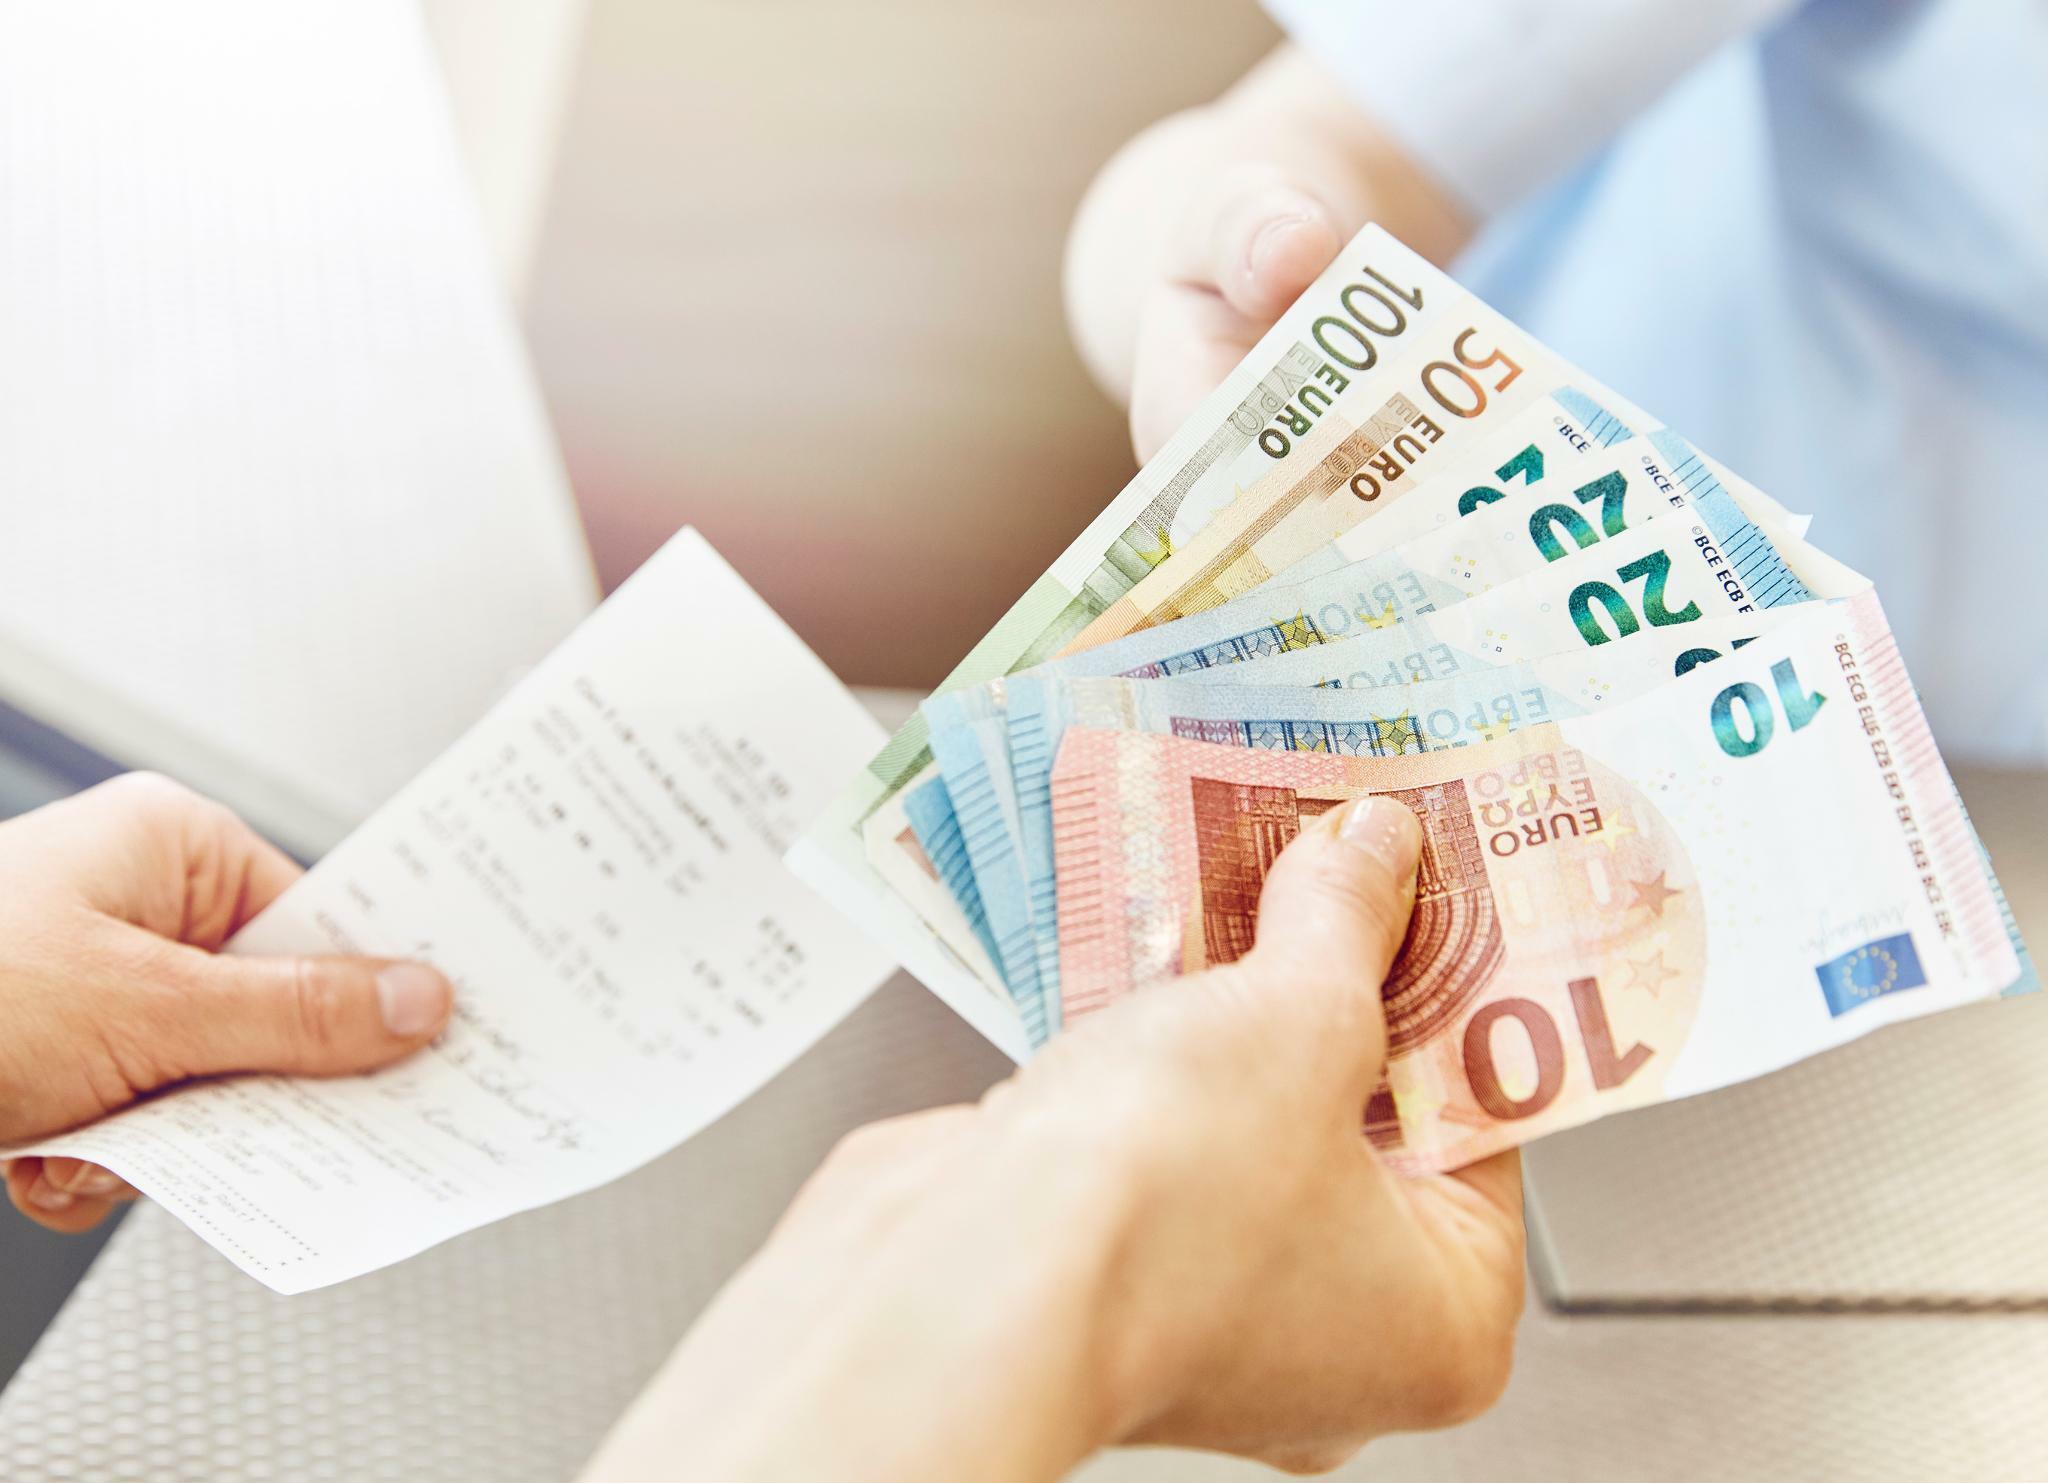 Anlage: Wo ist mein Geld noch sicher?